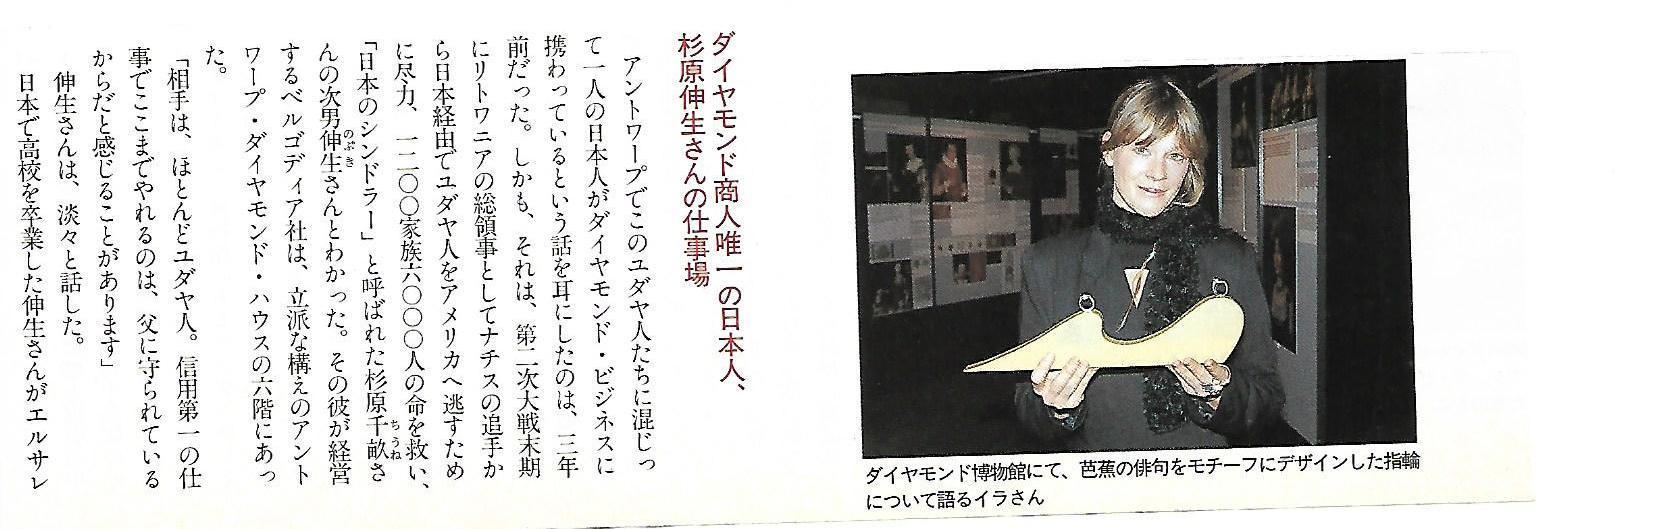 Marieclaire Japon 2